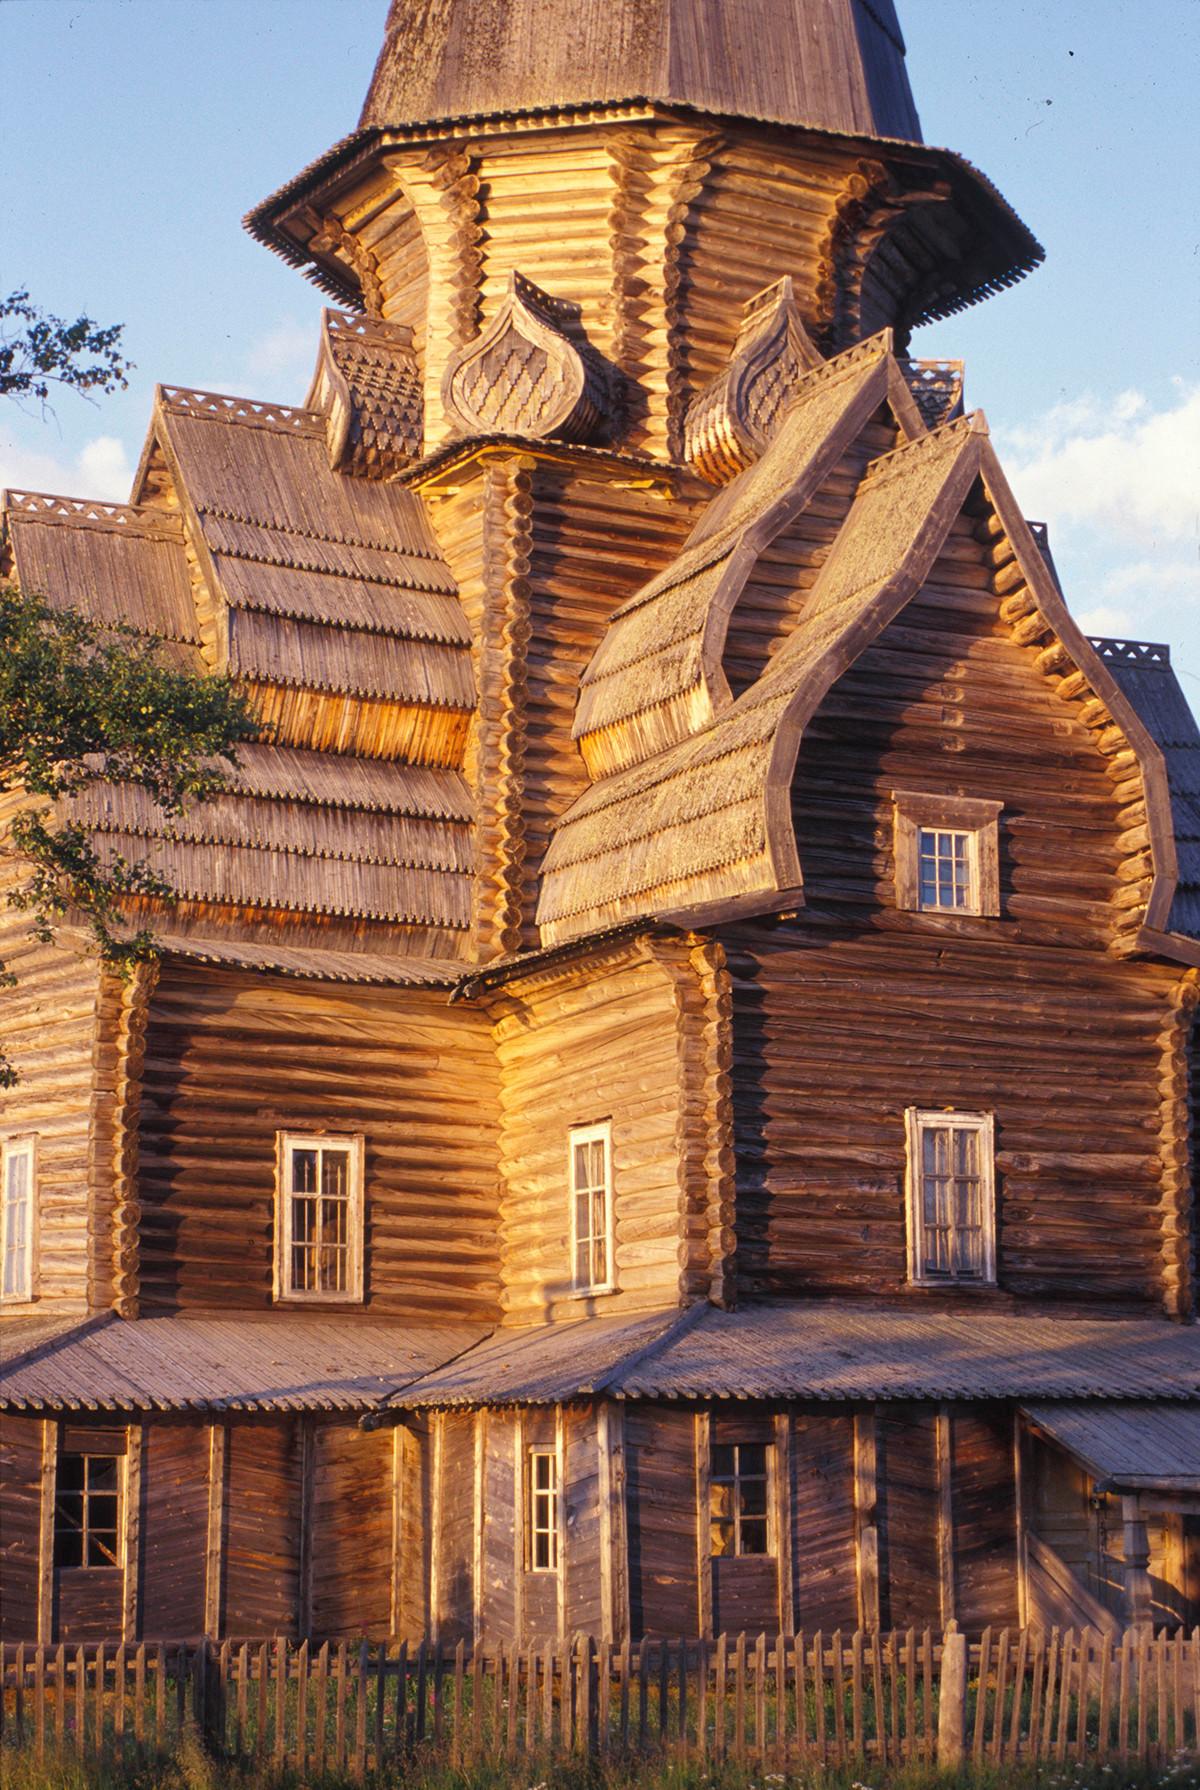 Varzuga. Cerkev Marijinega vnebovzetja, zahodna fasada. 20. julij 2001